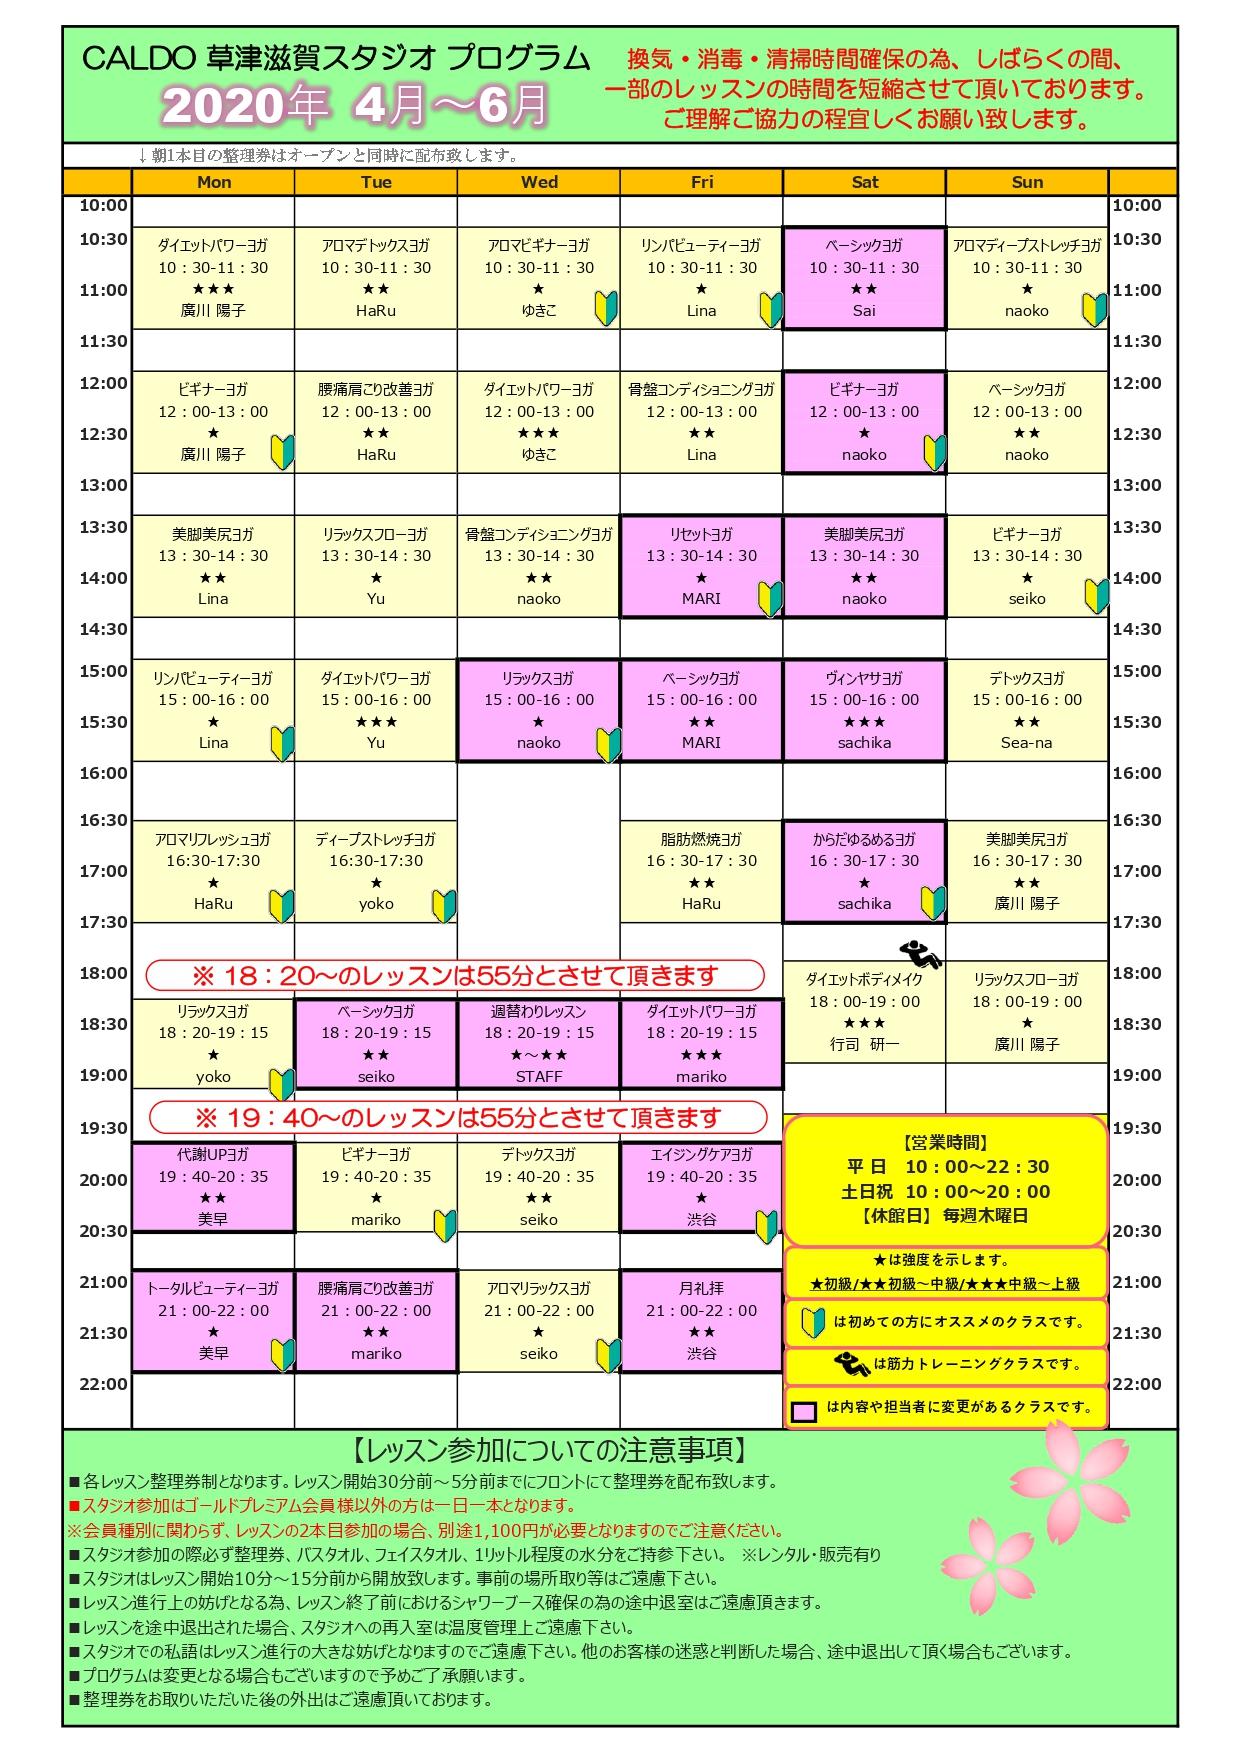 4月~6月スタジオプログラム55分レッスン